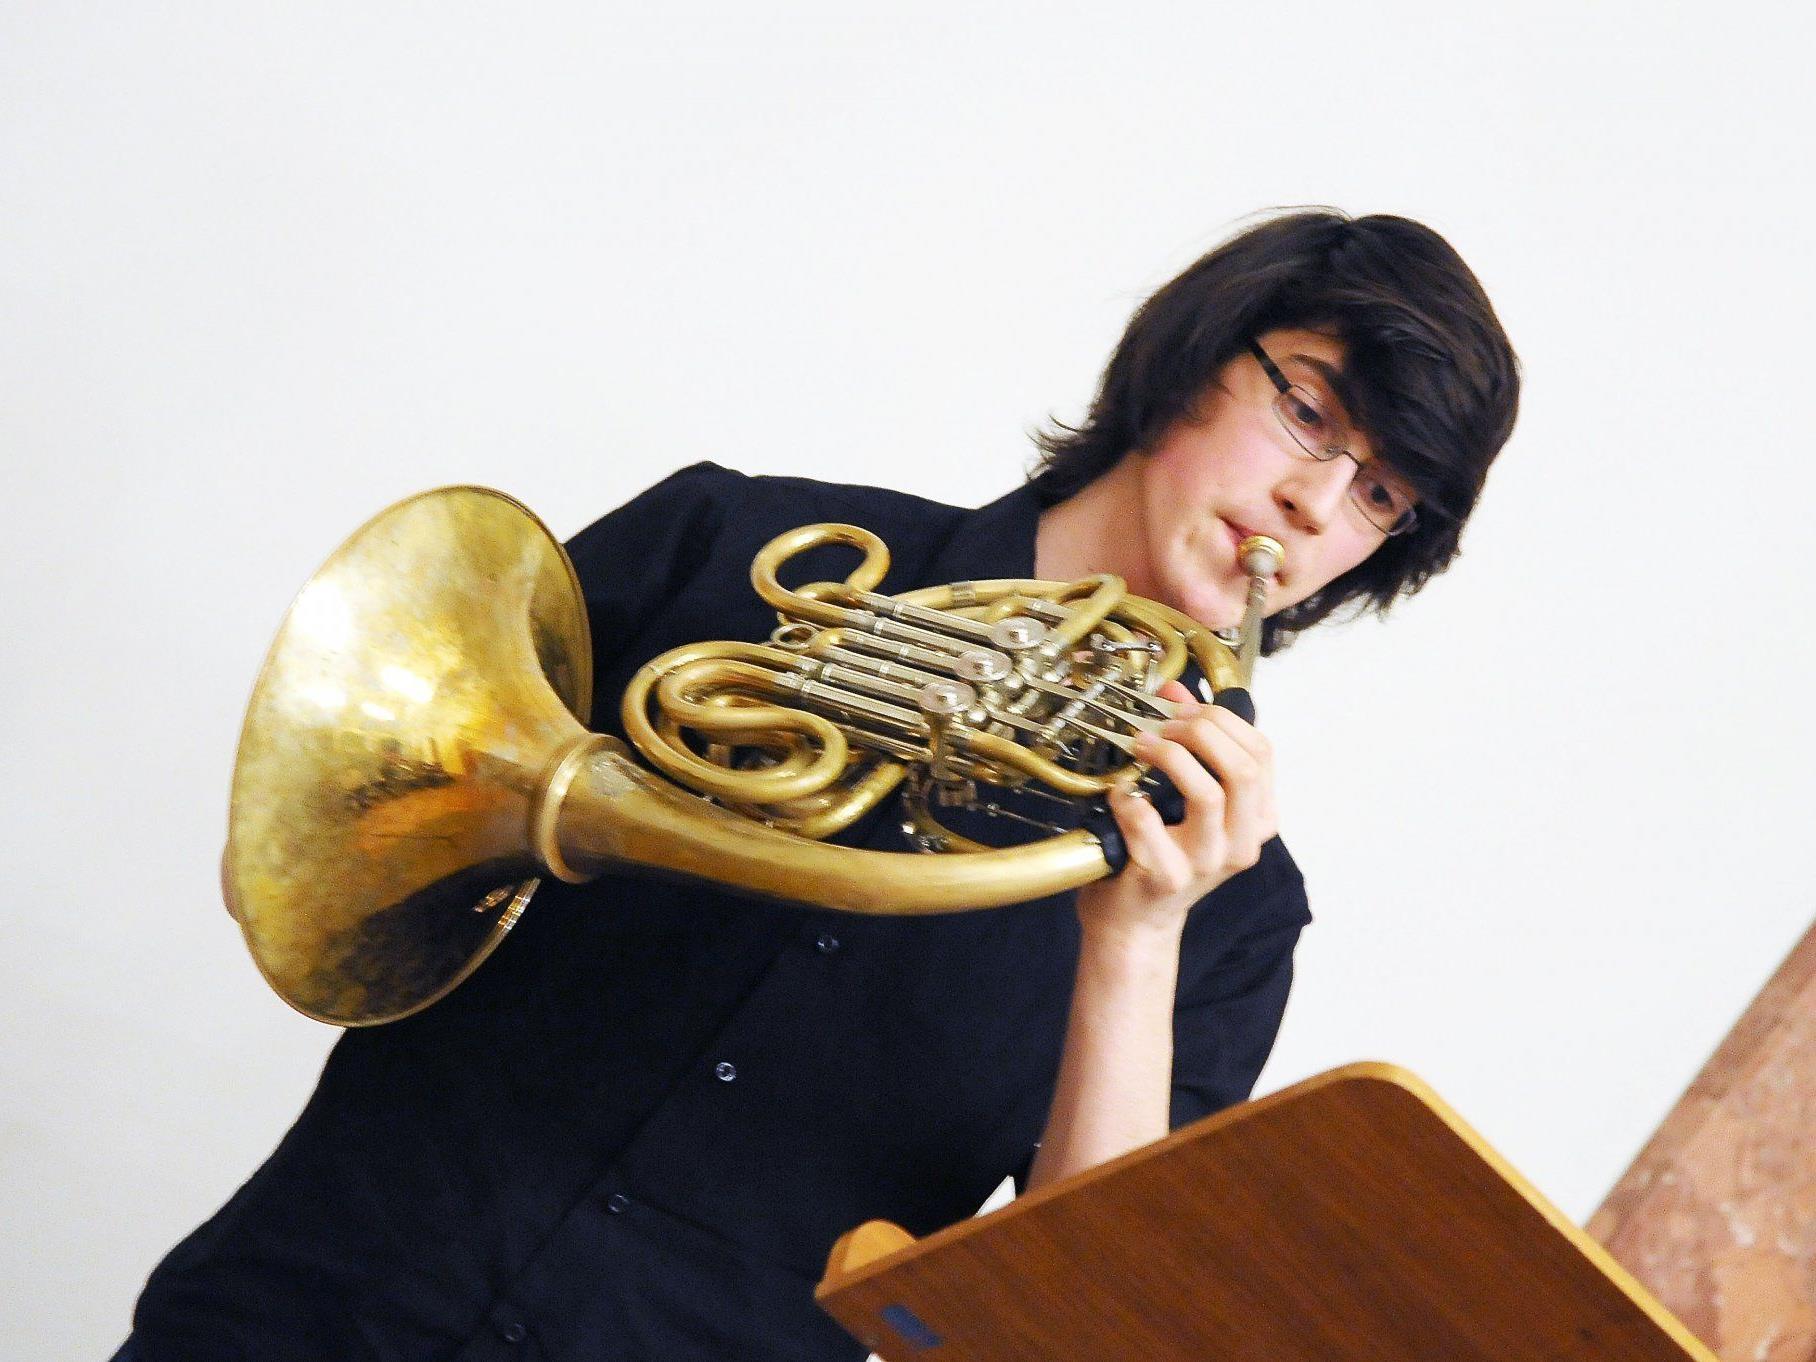 Die mit dem Jungmusikerleistungsabzeichen ausgezeichneten Musiktalente spielten auf